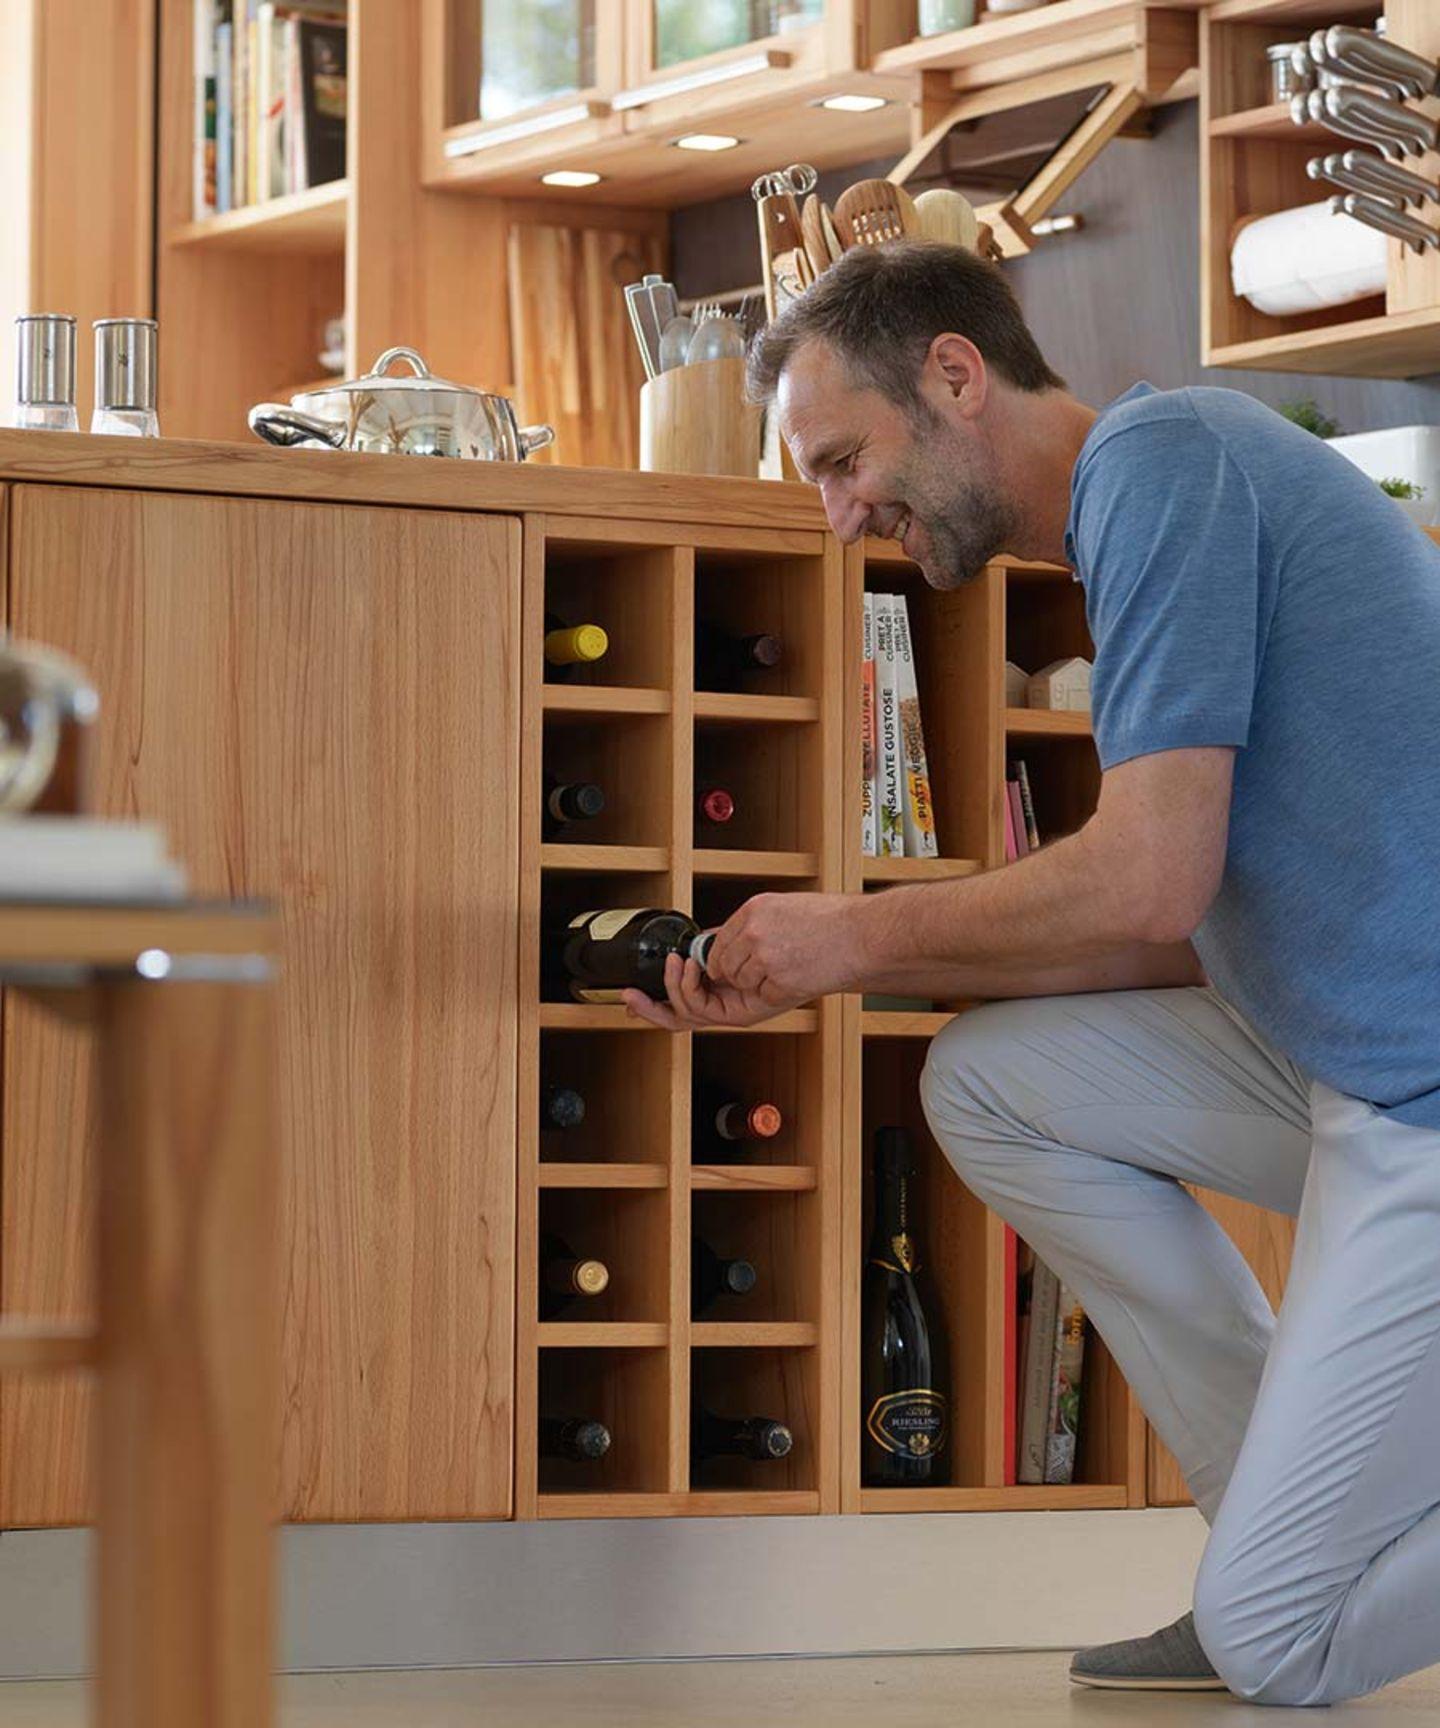 Cucina rondo in legno naturale con scaffale integrato